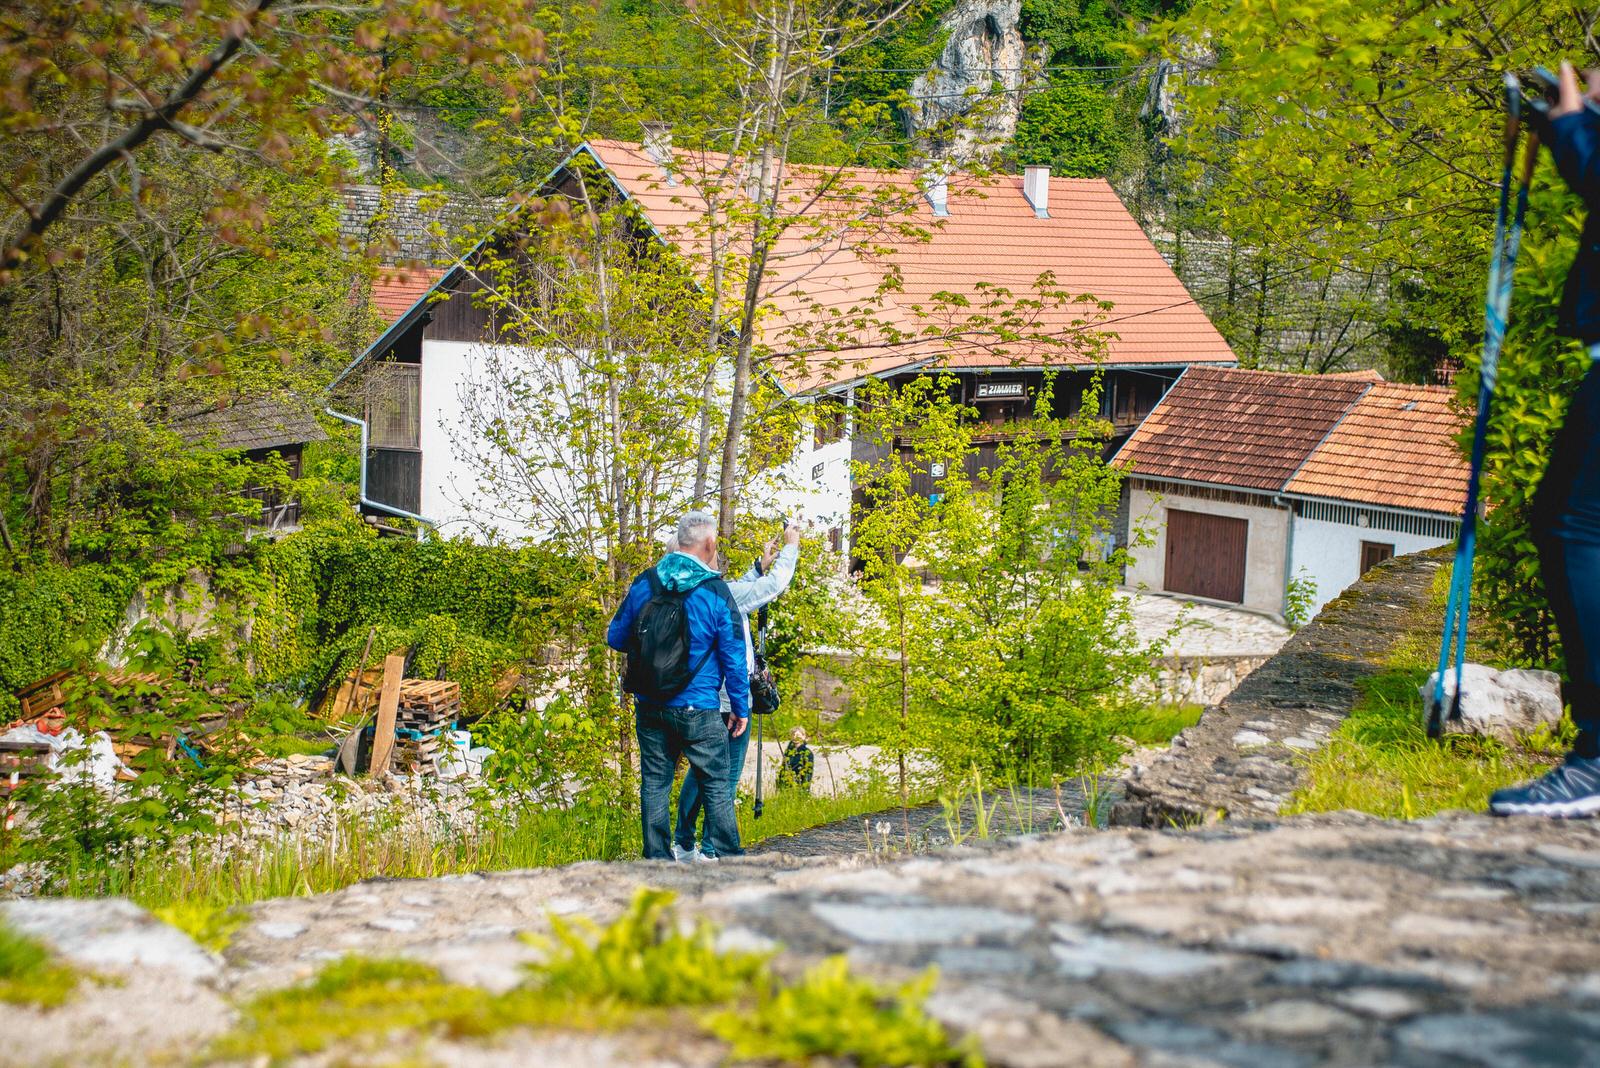 likaclub_slunj_rastoke_5-festival-nordijskog-hodanja_2019-26